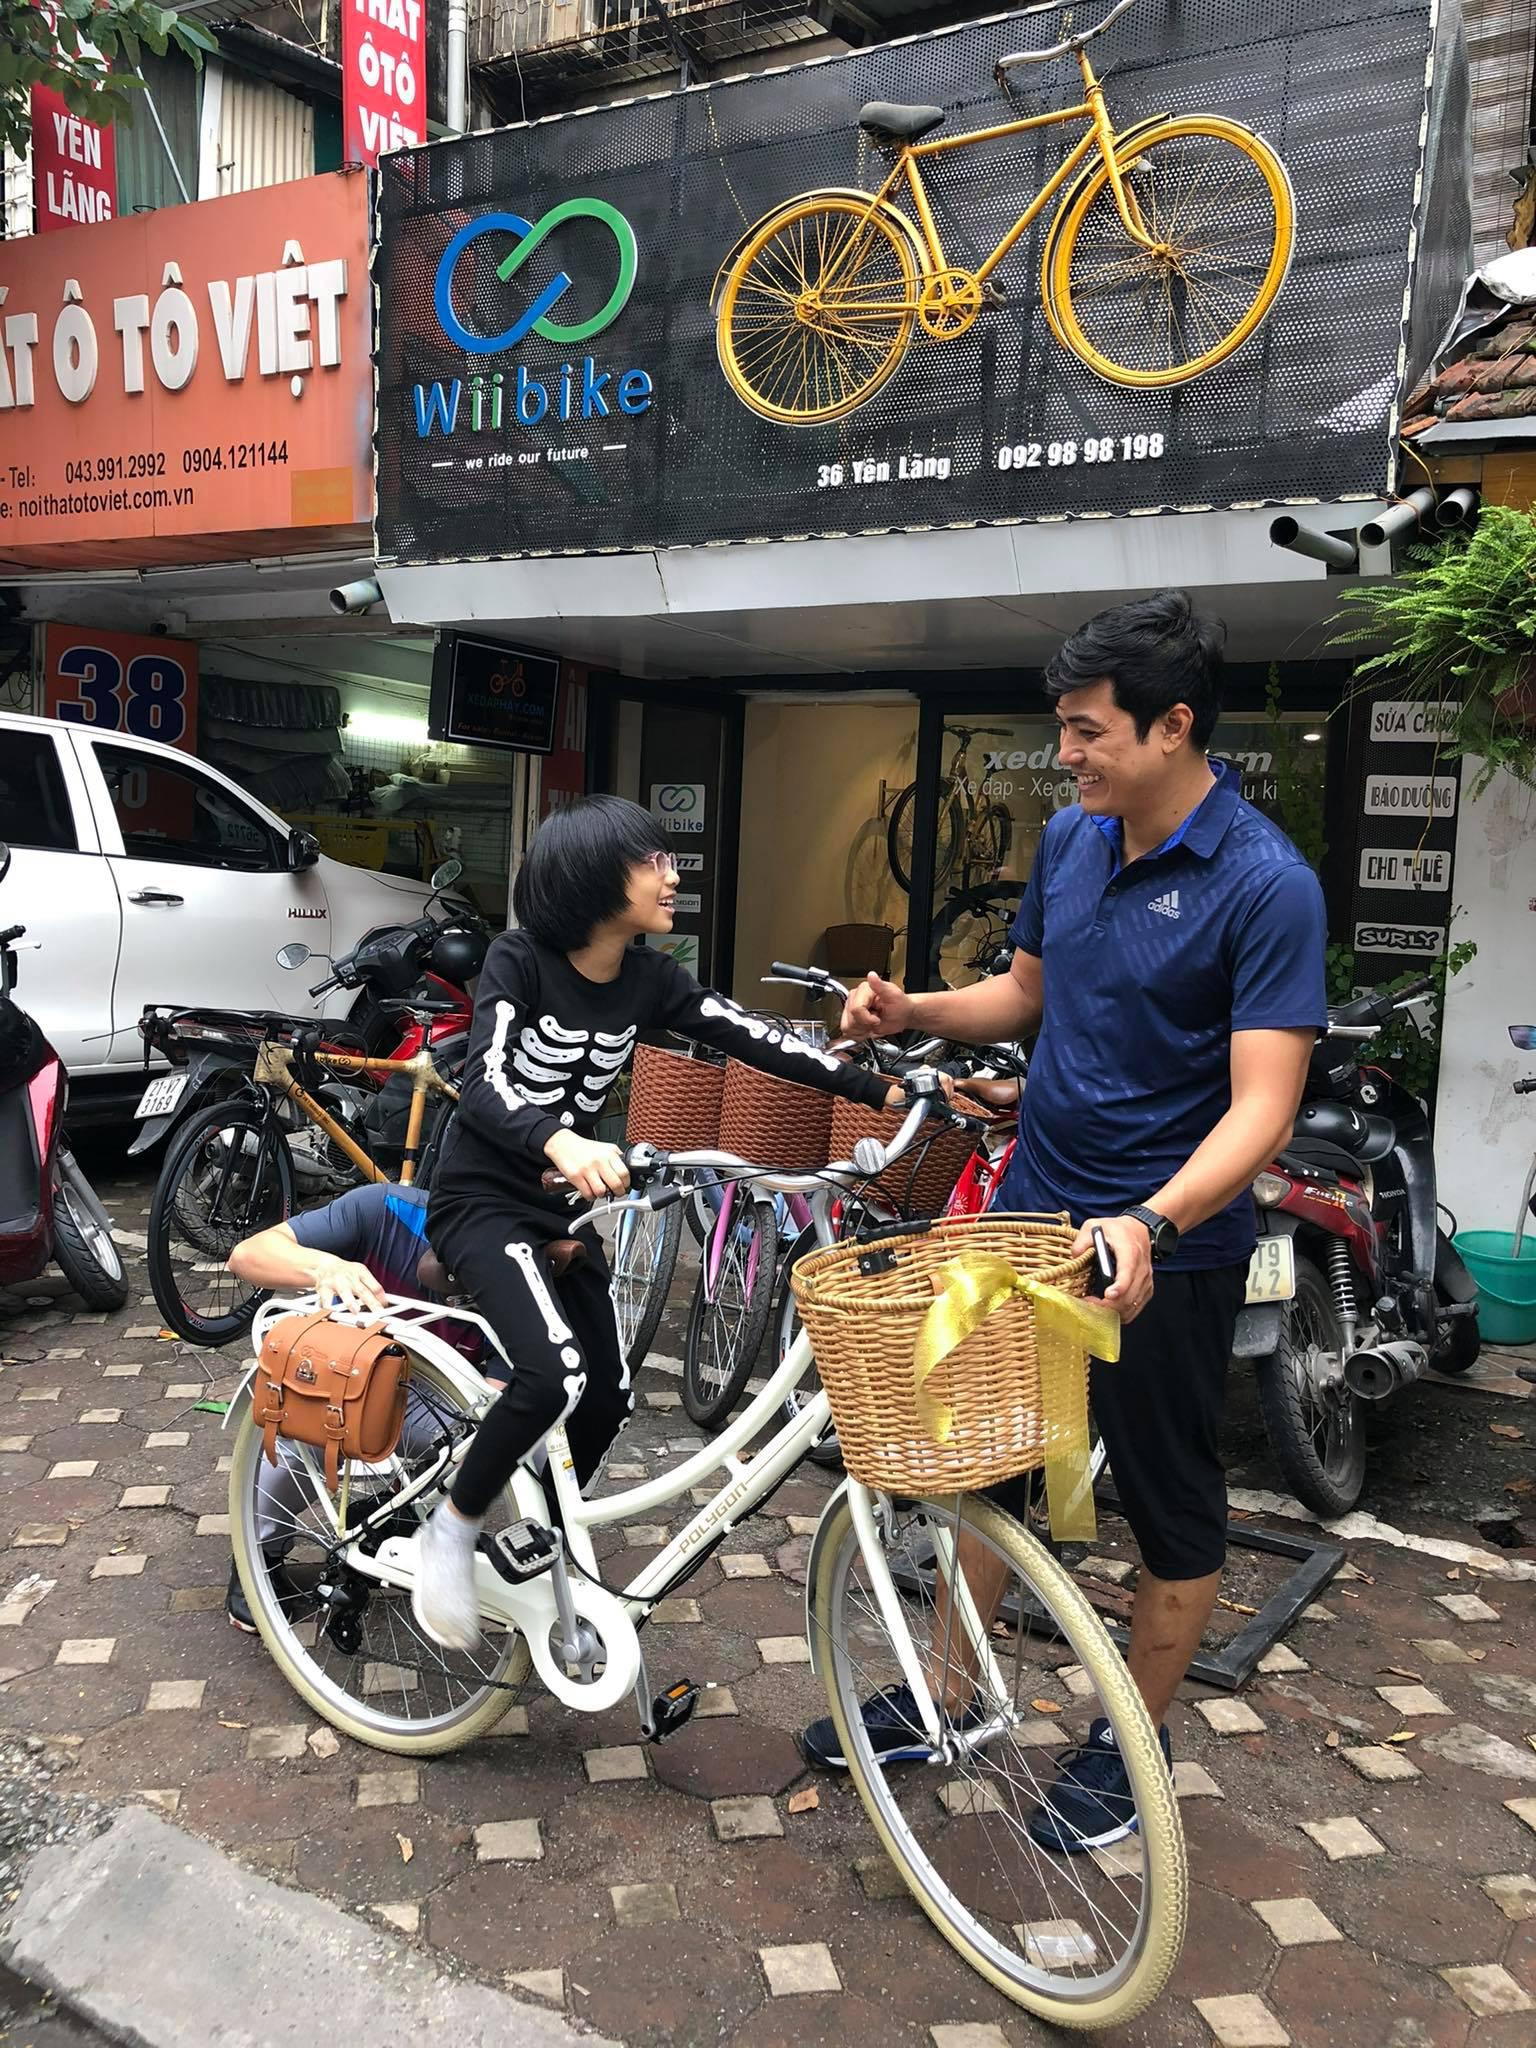 """Dân Hà Nội rộ mốt """"độ"""" xe đạp trợ lực điện, chạy vèo vèo đi làm, dạo phố - Ảnh 10."""